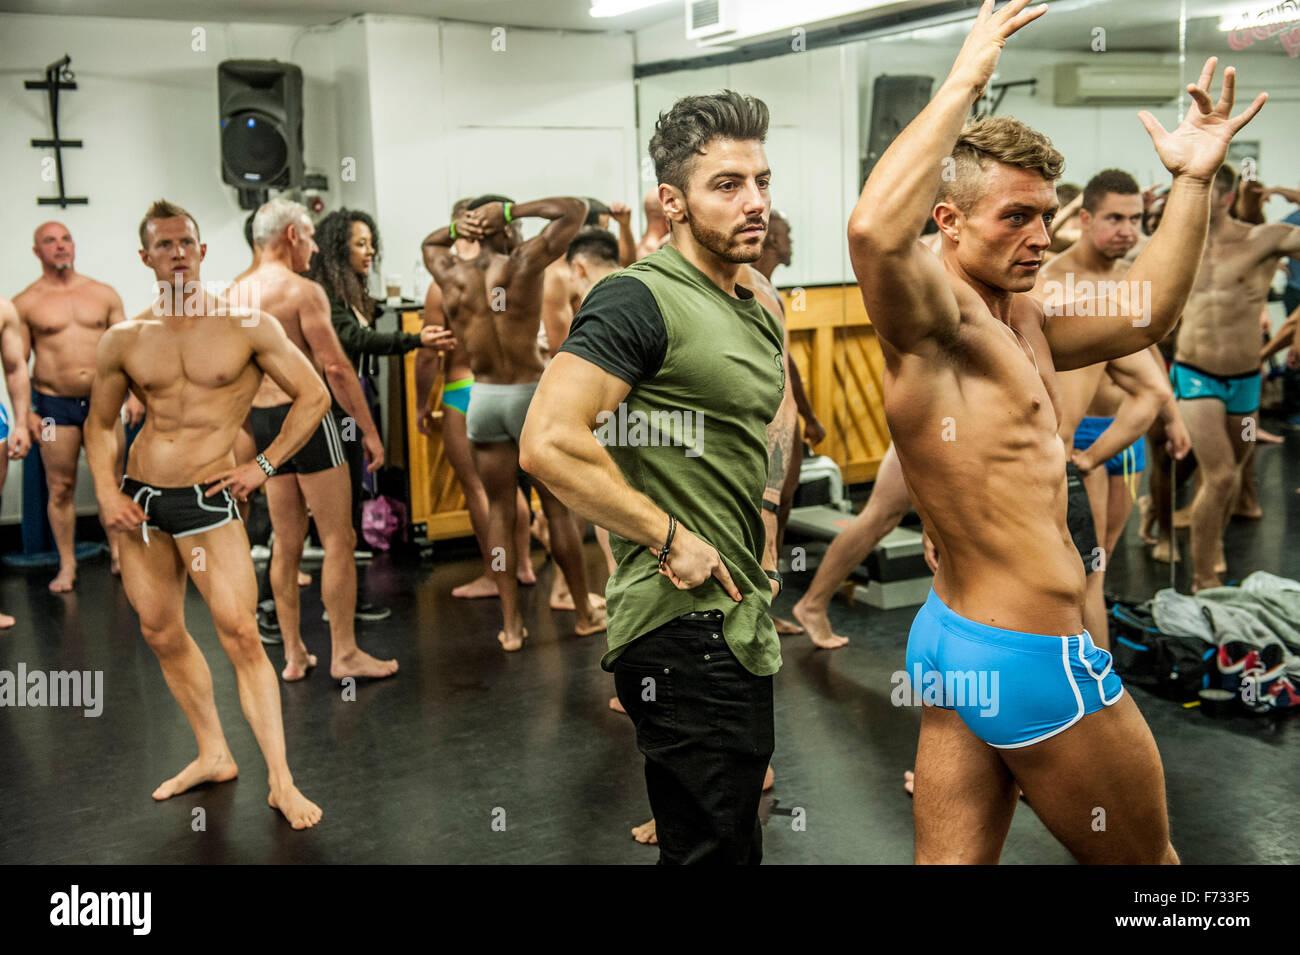 Gen. butt naked photo